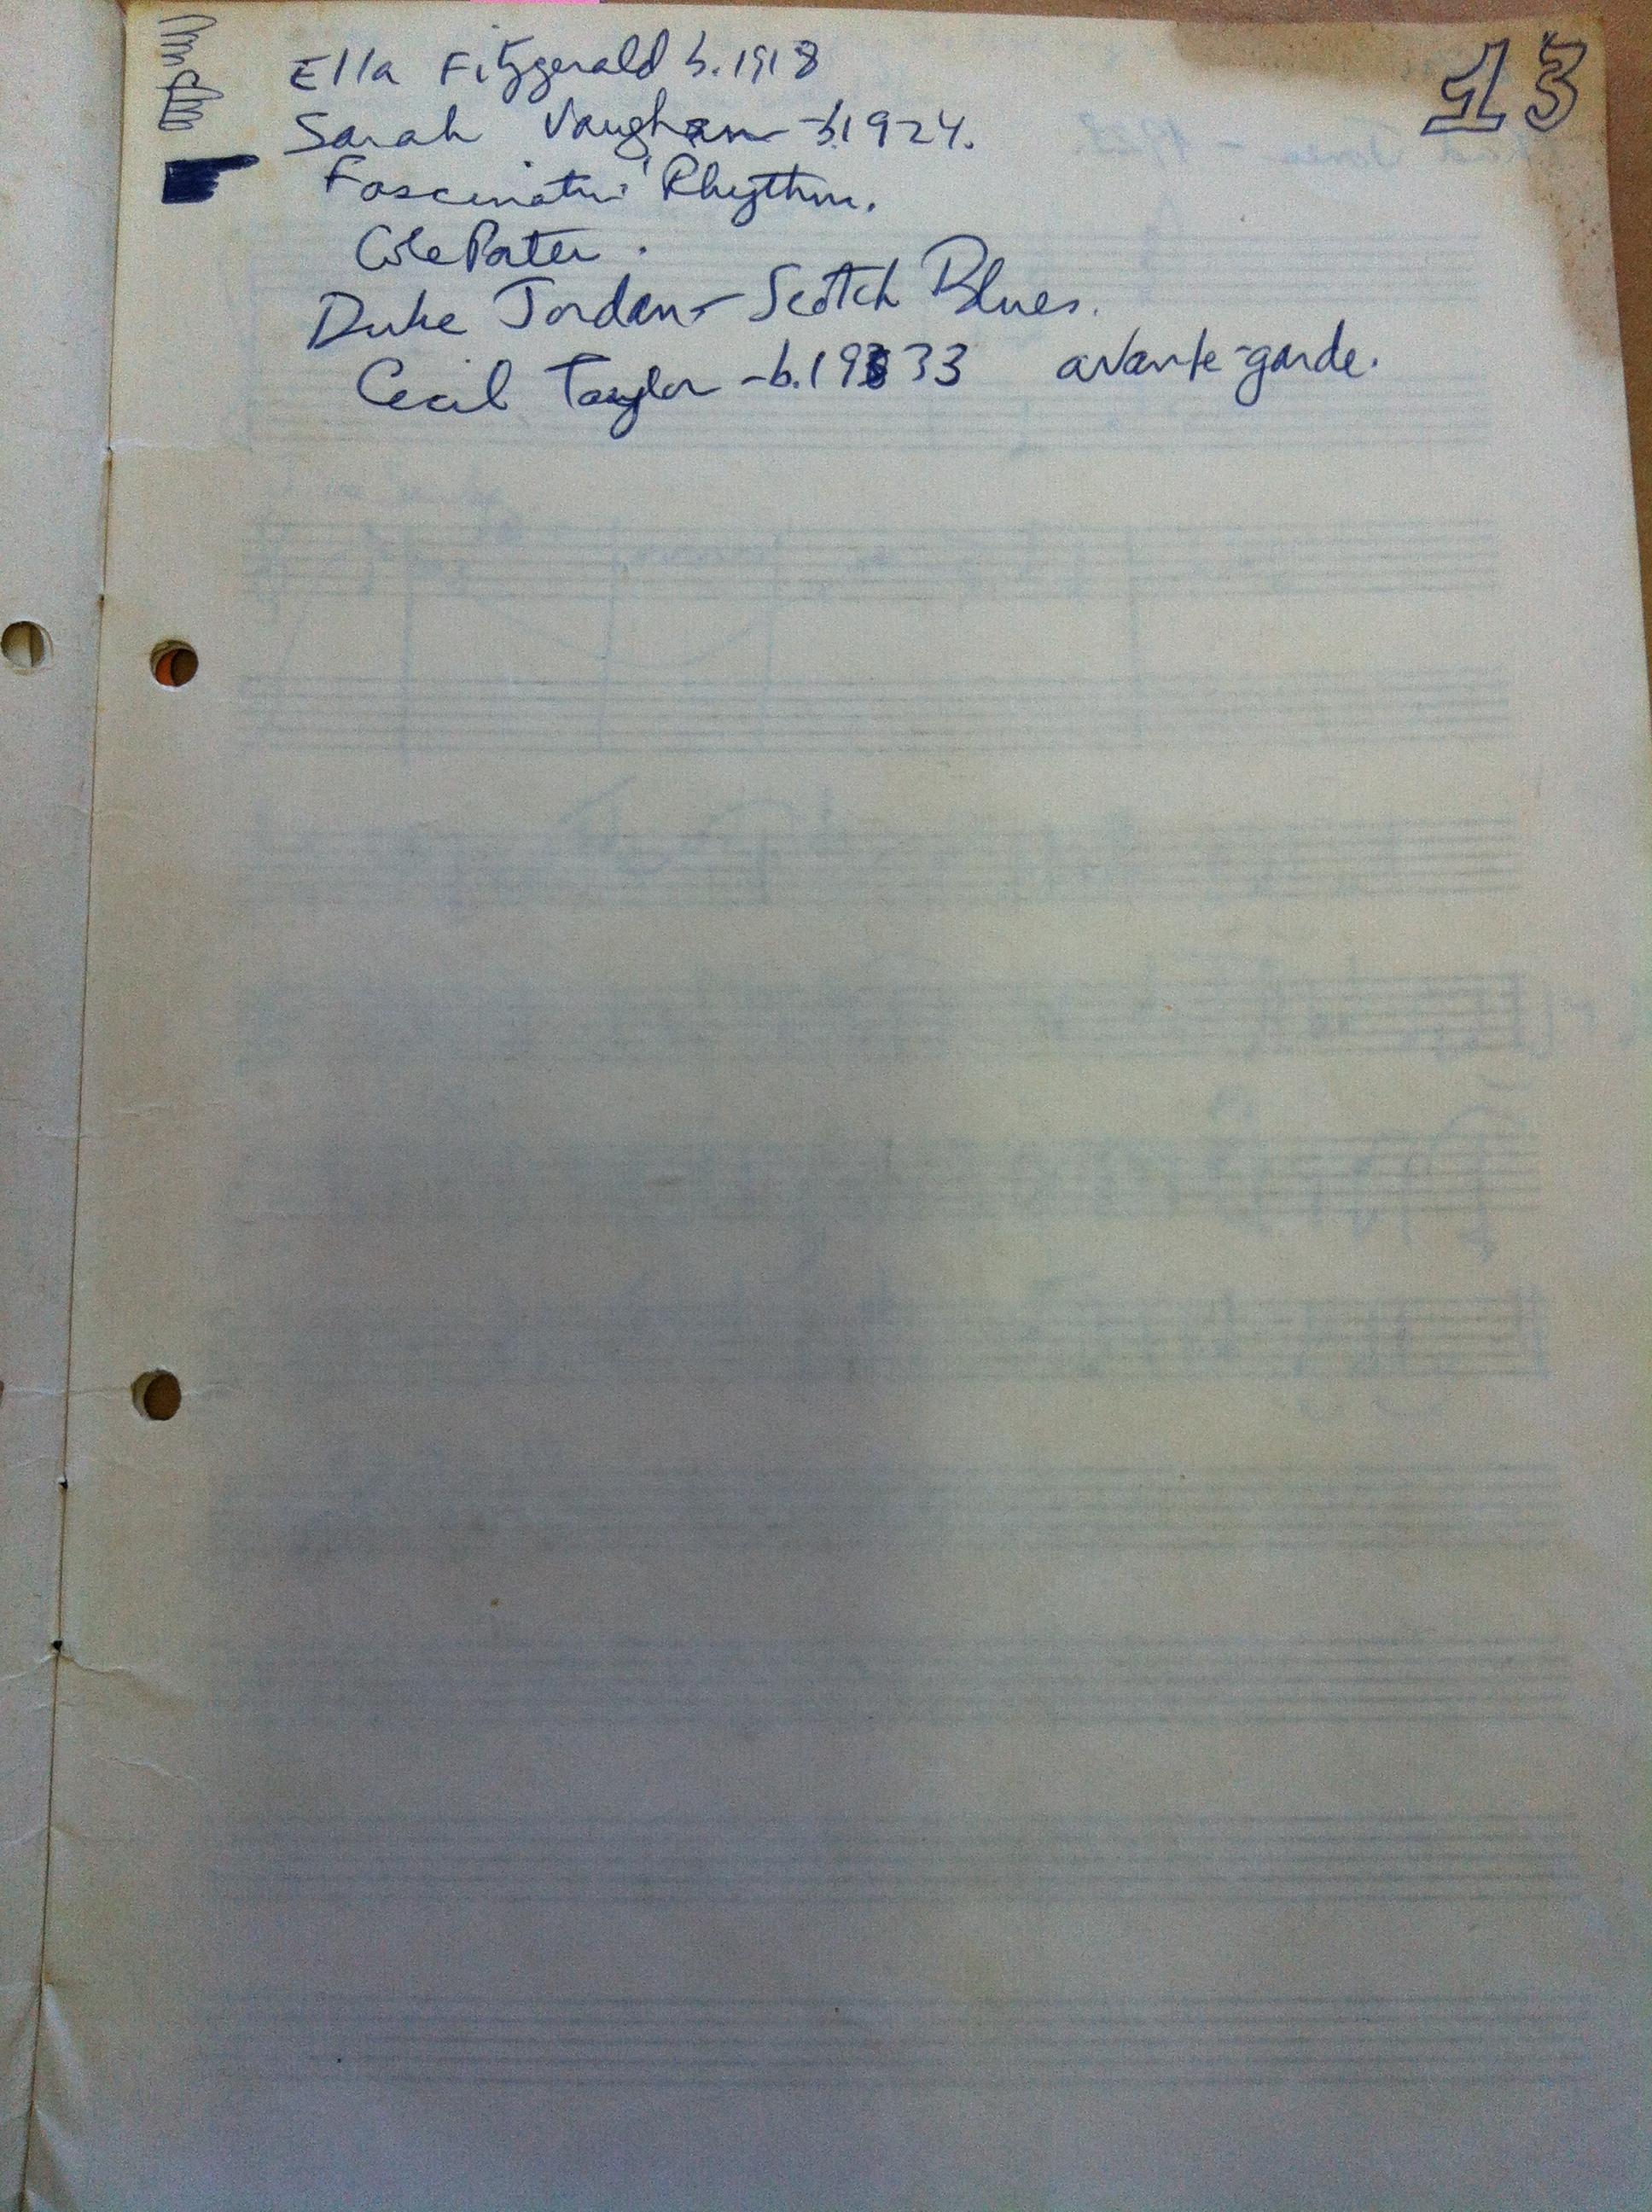 המורה שלי לג'אז by Mel Rosenberg - מל רוזנברג - Ourboox.com